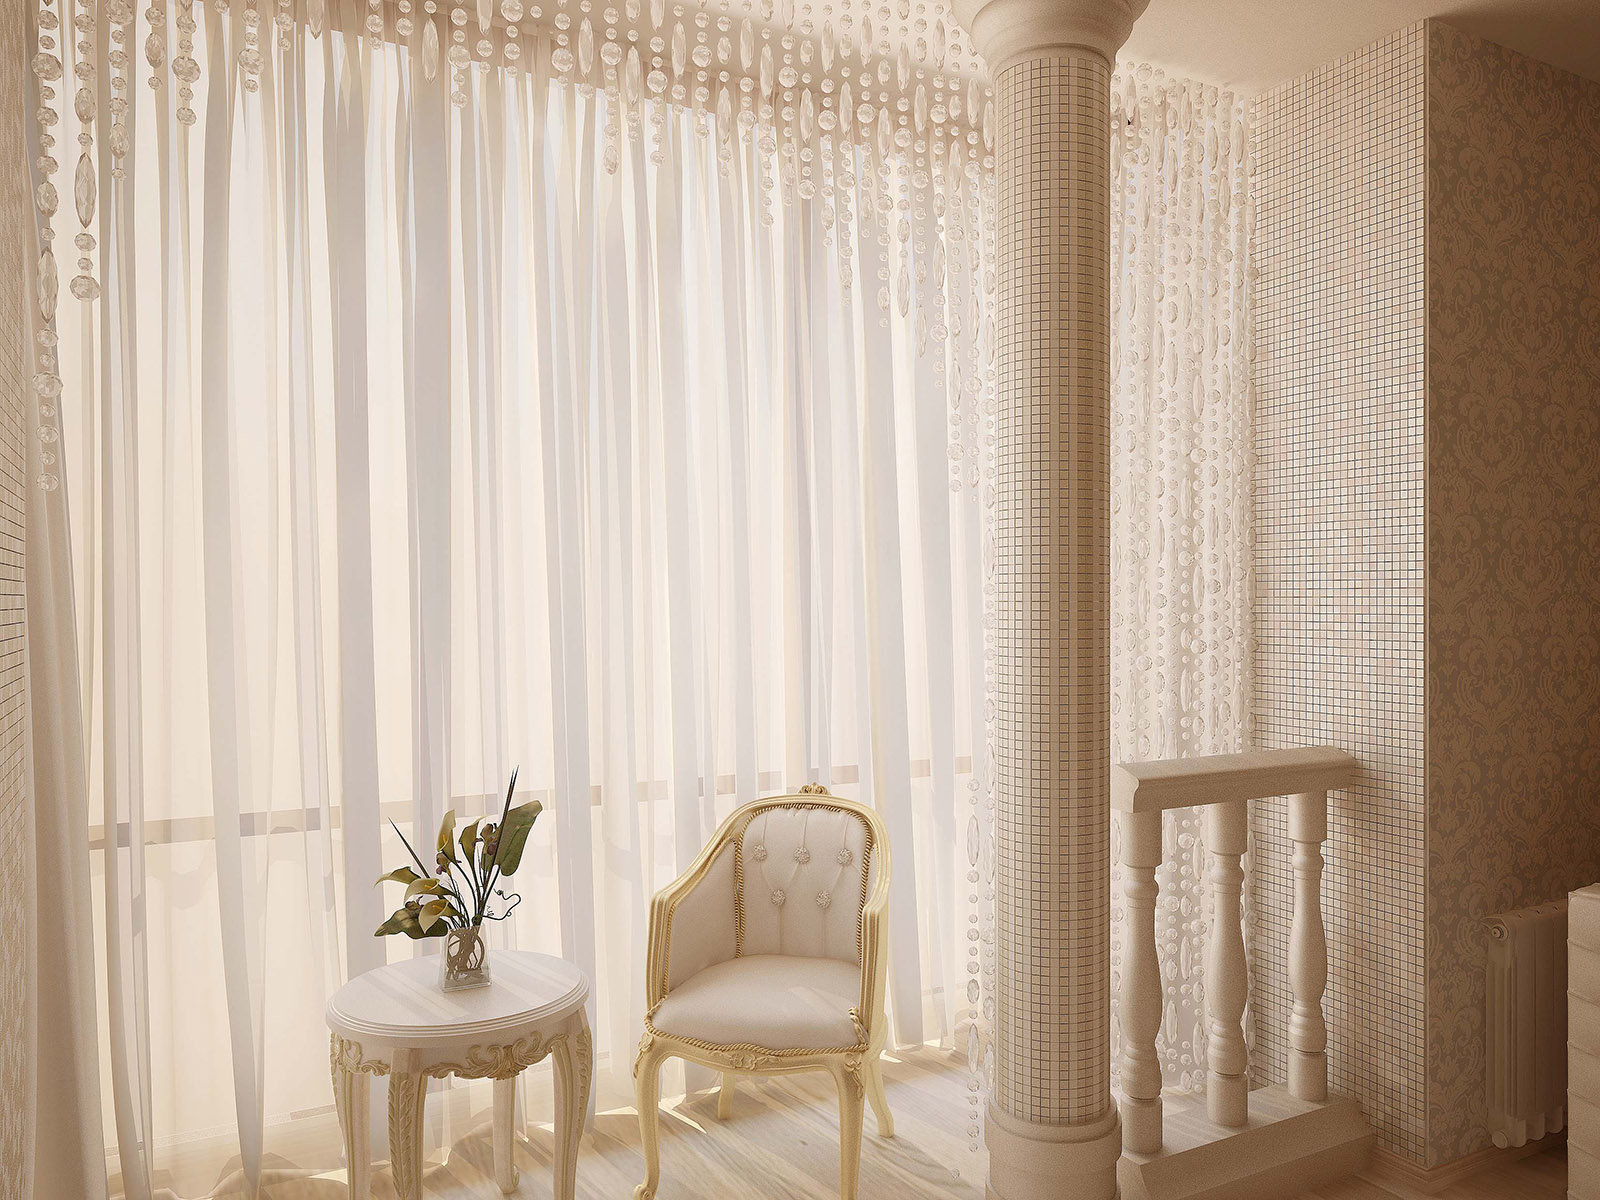 Присоединение балкона позволило сделать гостиную более светлой и просторной